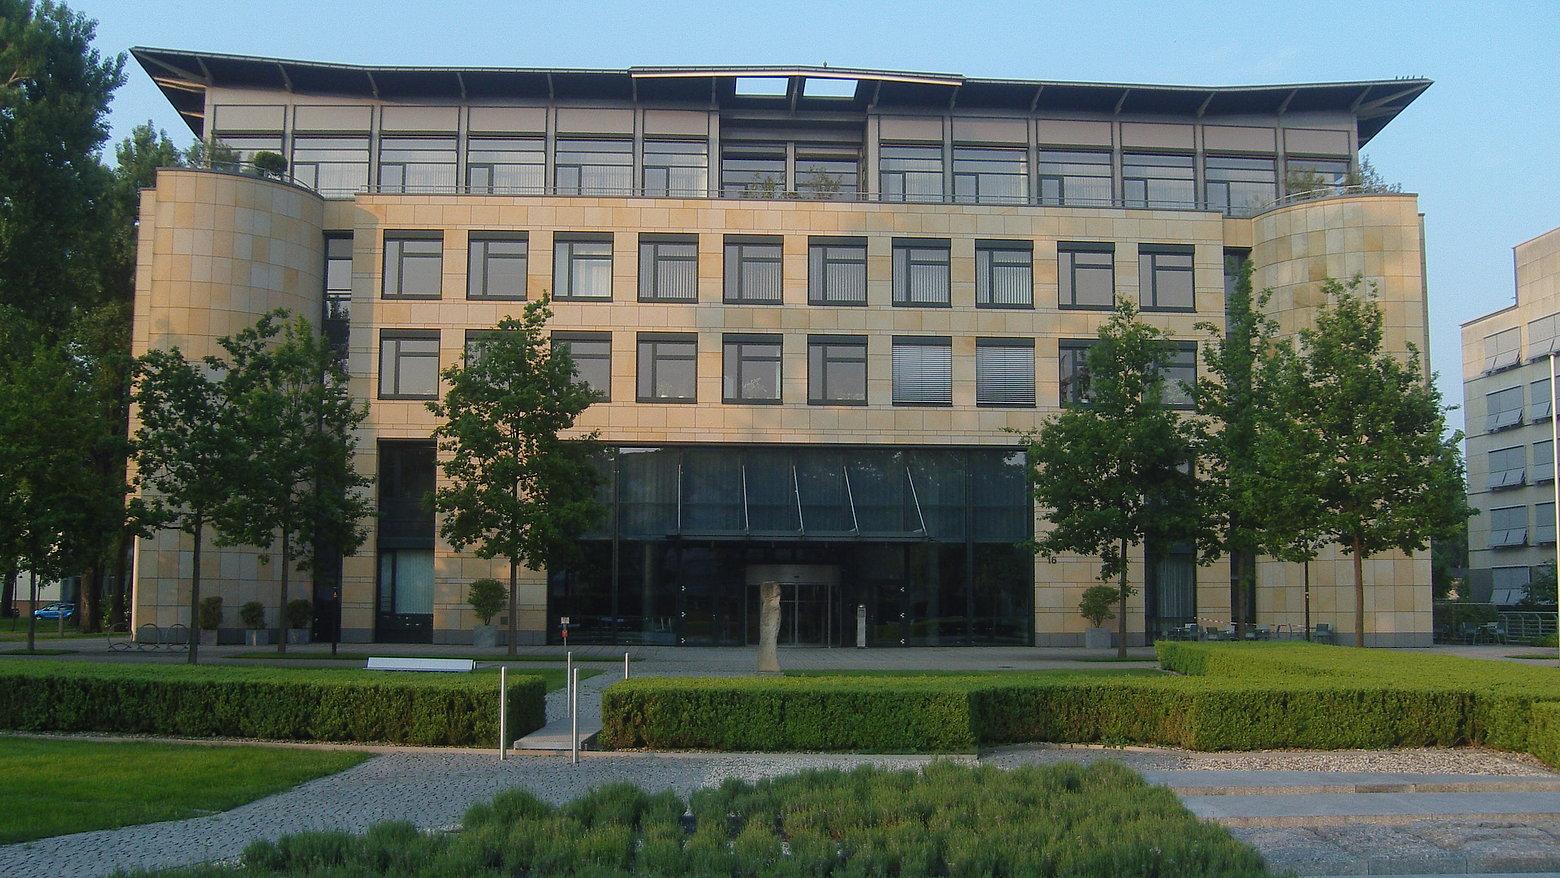 4 stöckiges hellbraunes Gebäude mit großer Fensterfront mit 6 grünen Laubbäumen und akurat geschnittenen kleinen Hecken, die die Gehwege davor umrahmen